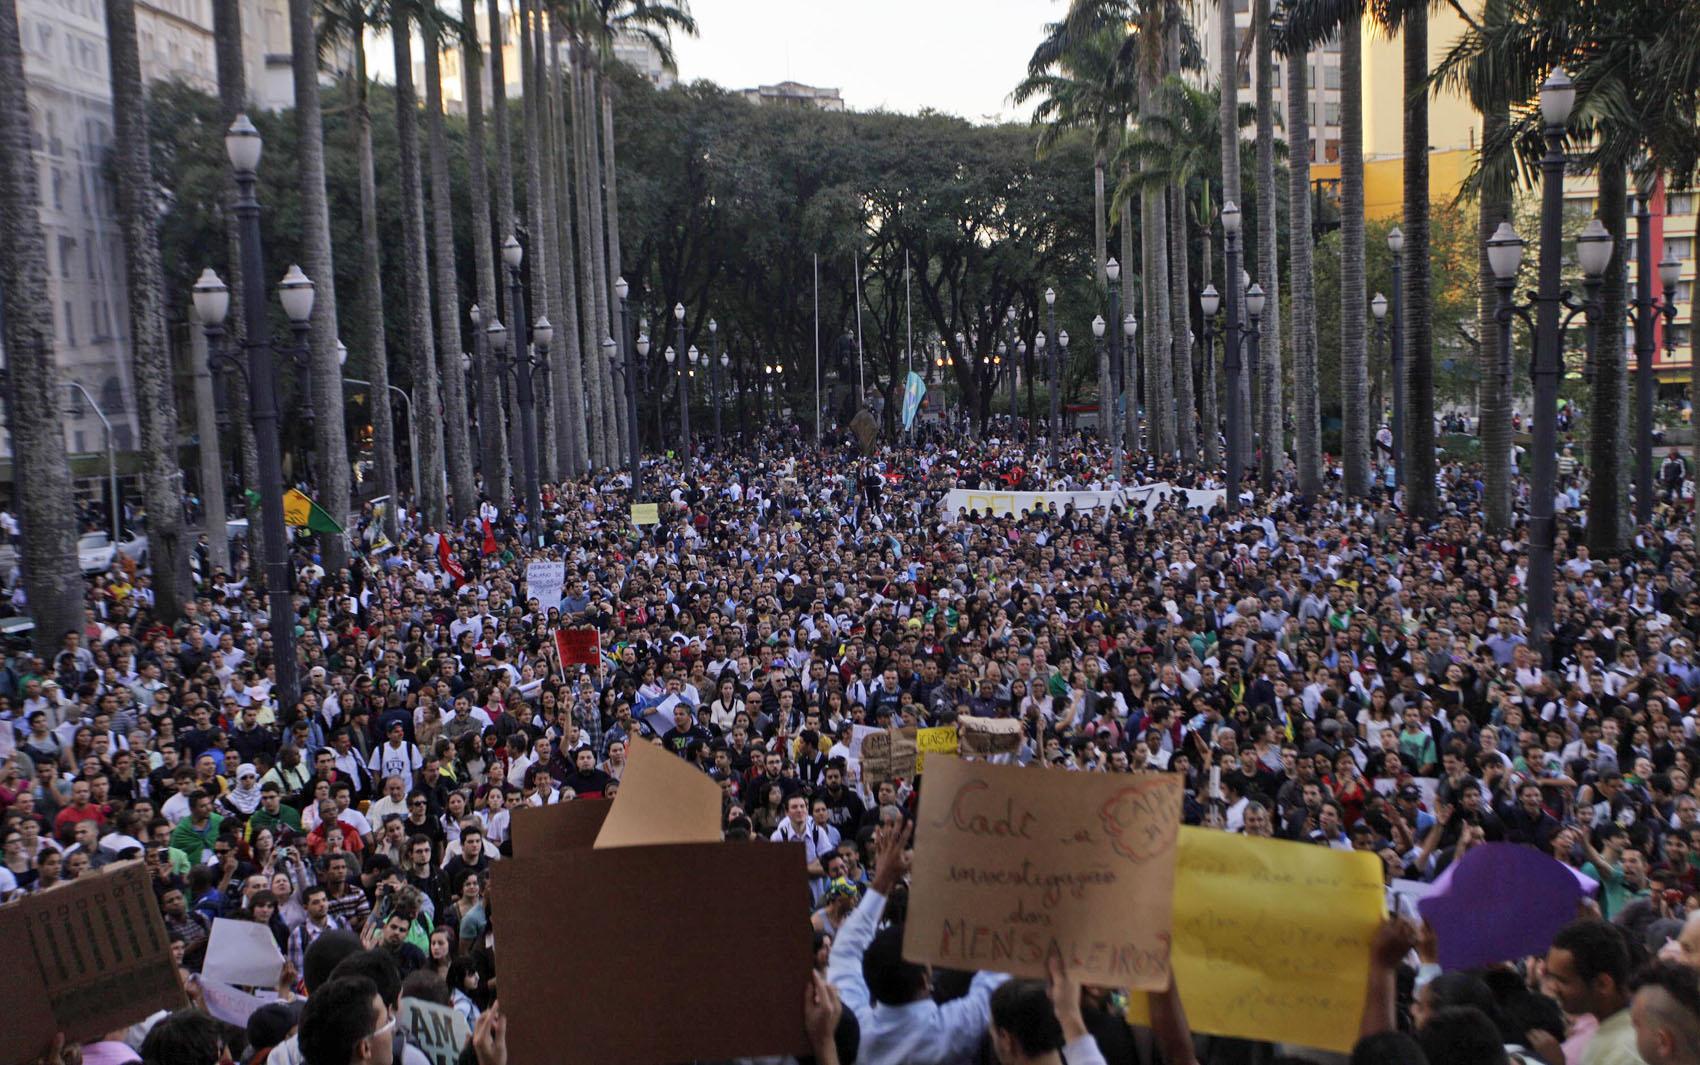 Manifestantes se concentram em frente a Igreja da Sé em São Paulo.